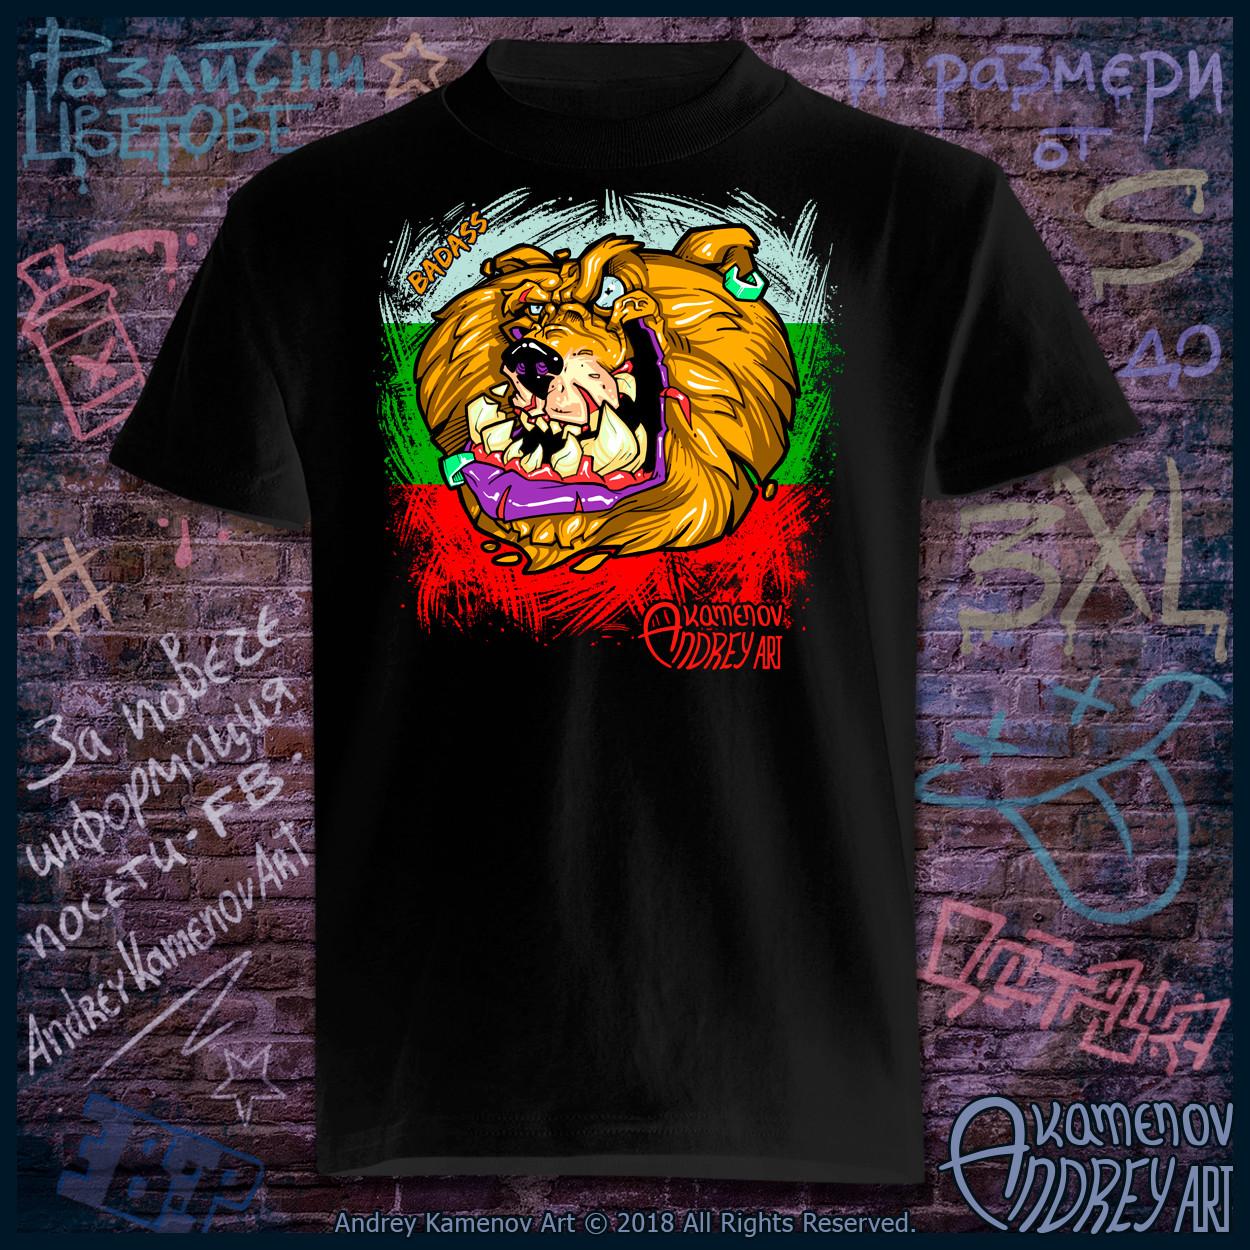 Andrey kamenov badass bear t shirt bg 01